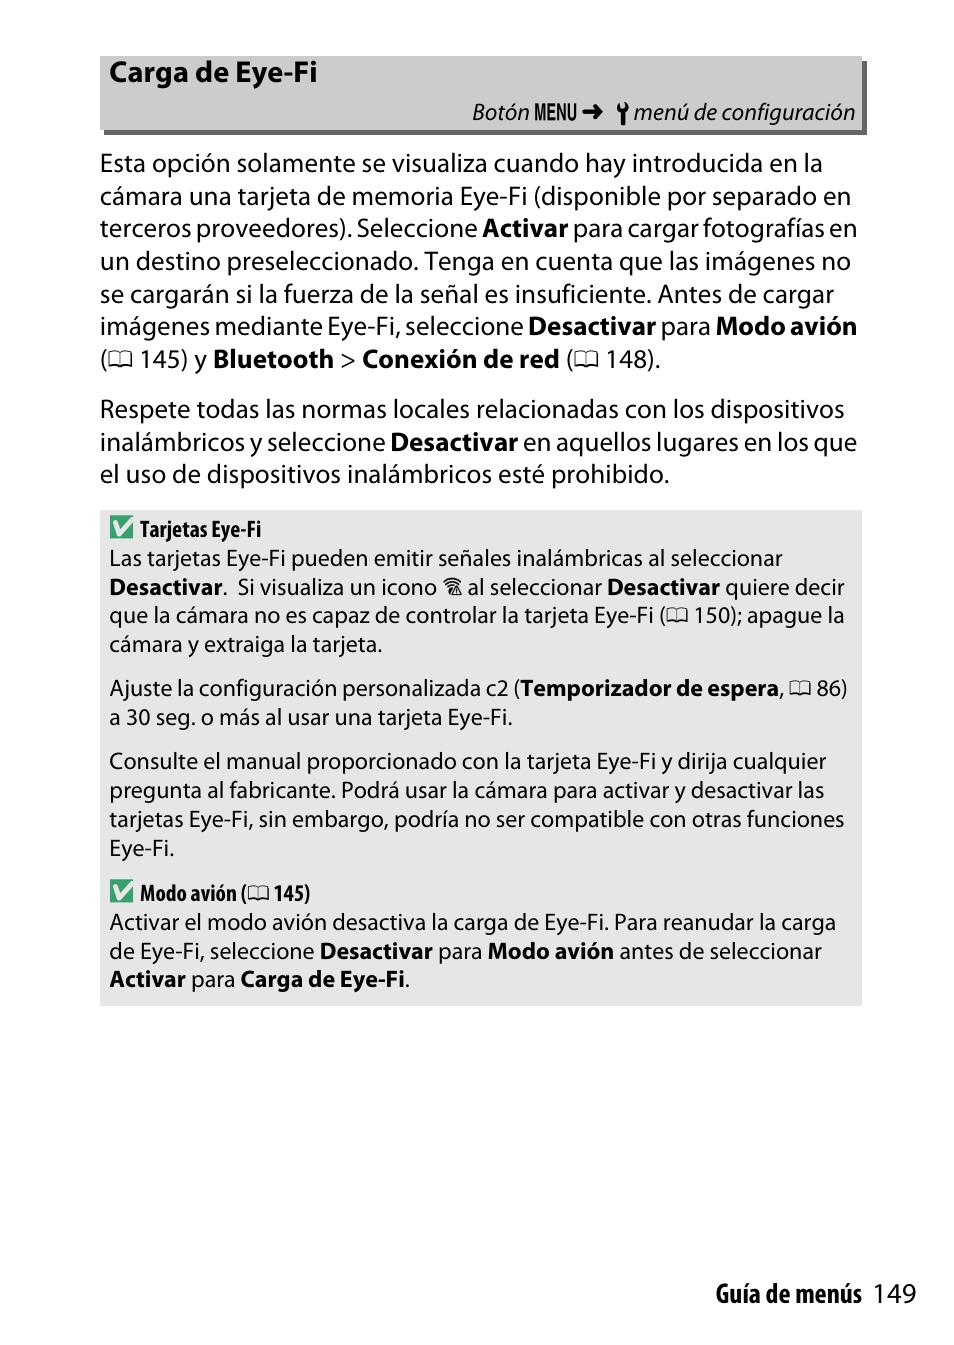 Carga de eye-fi, 149 guía de menús | Nikon D500 Manual del usuario ...